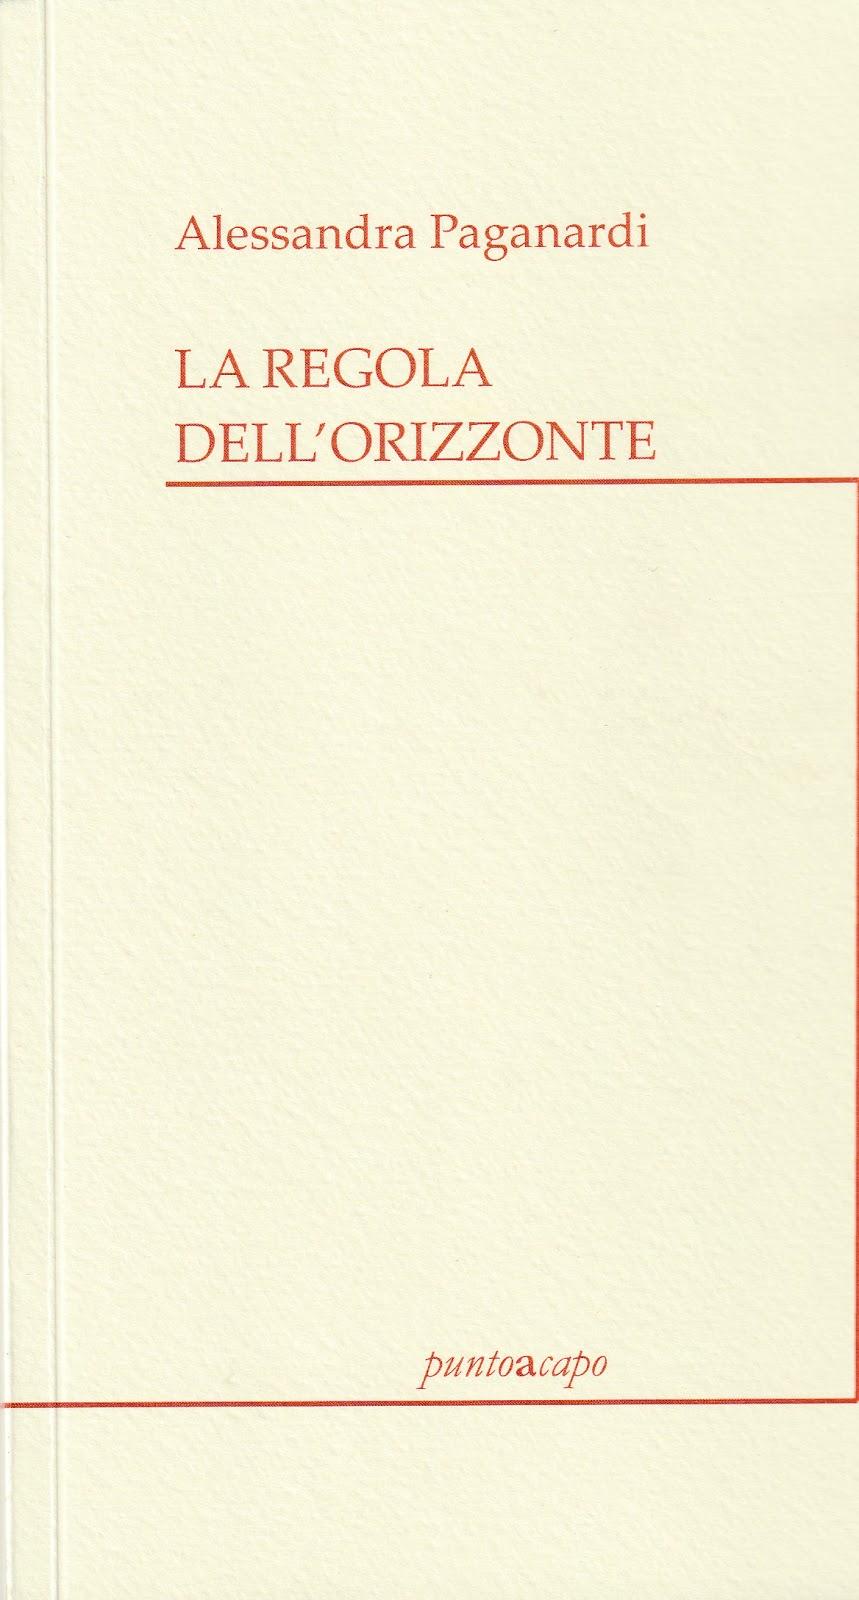 alessandra-paganardi-la-regola-dellorizzonte-copertina